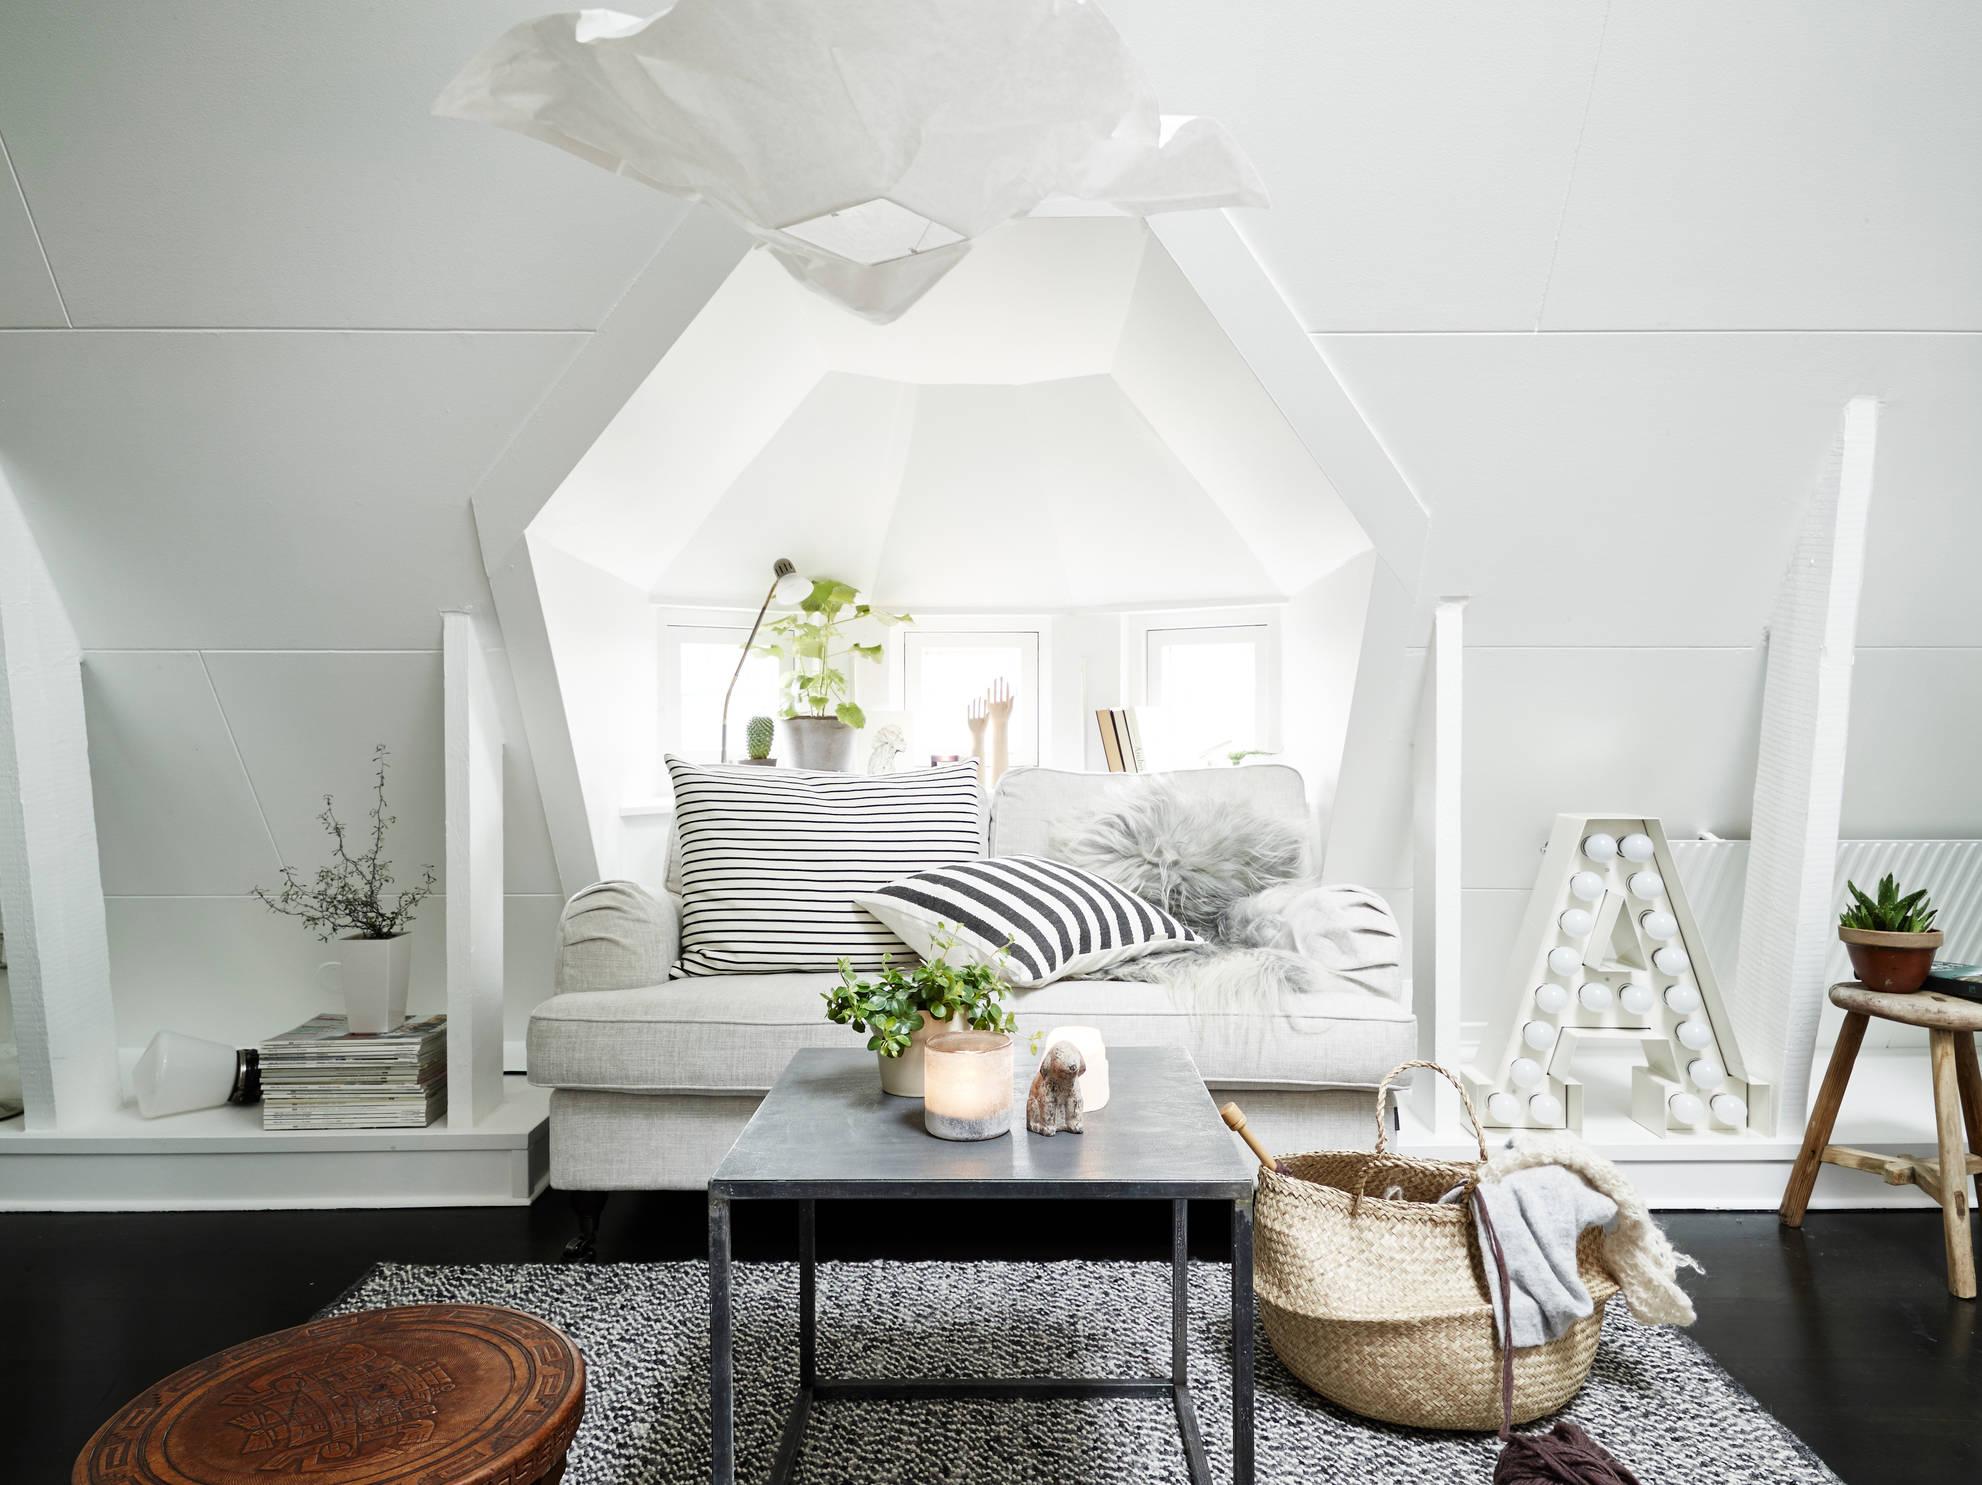 дизайн маленькой квартиры своими руками